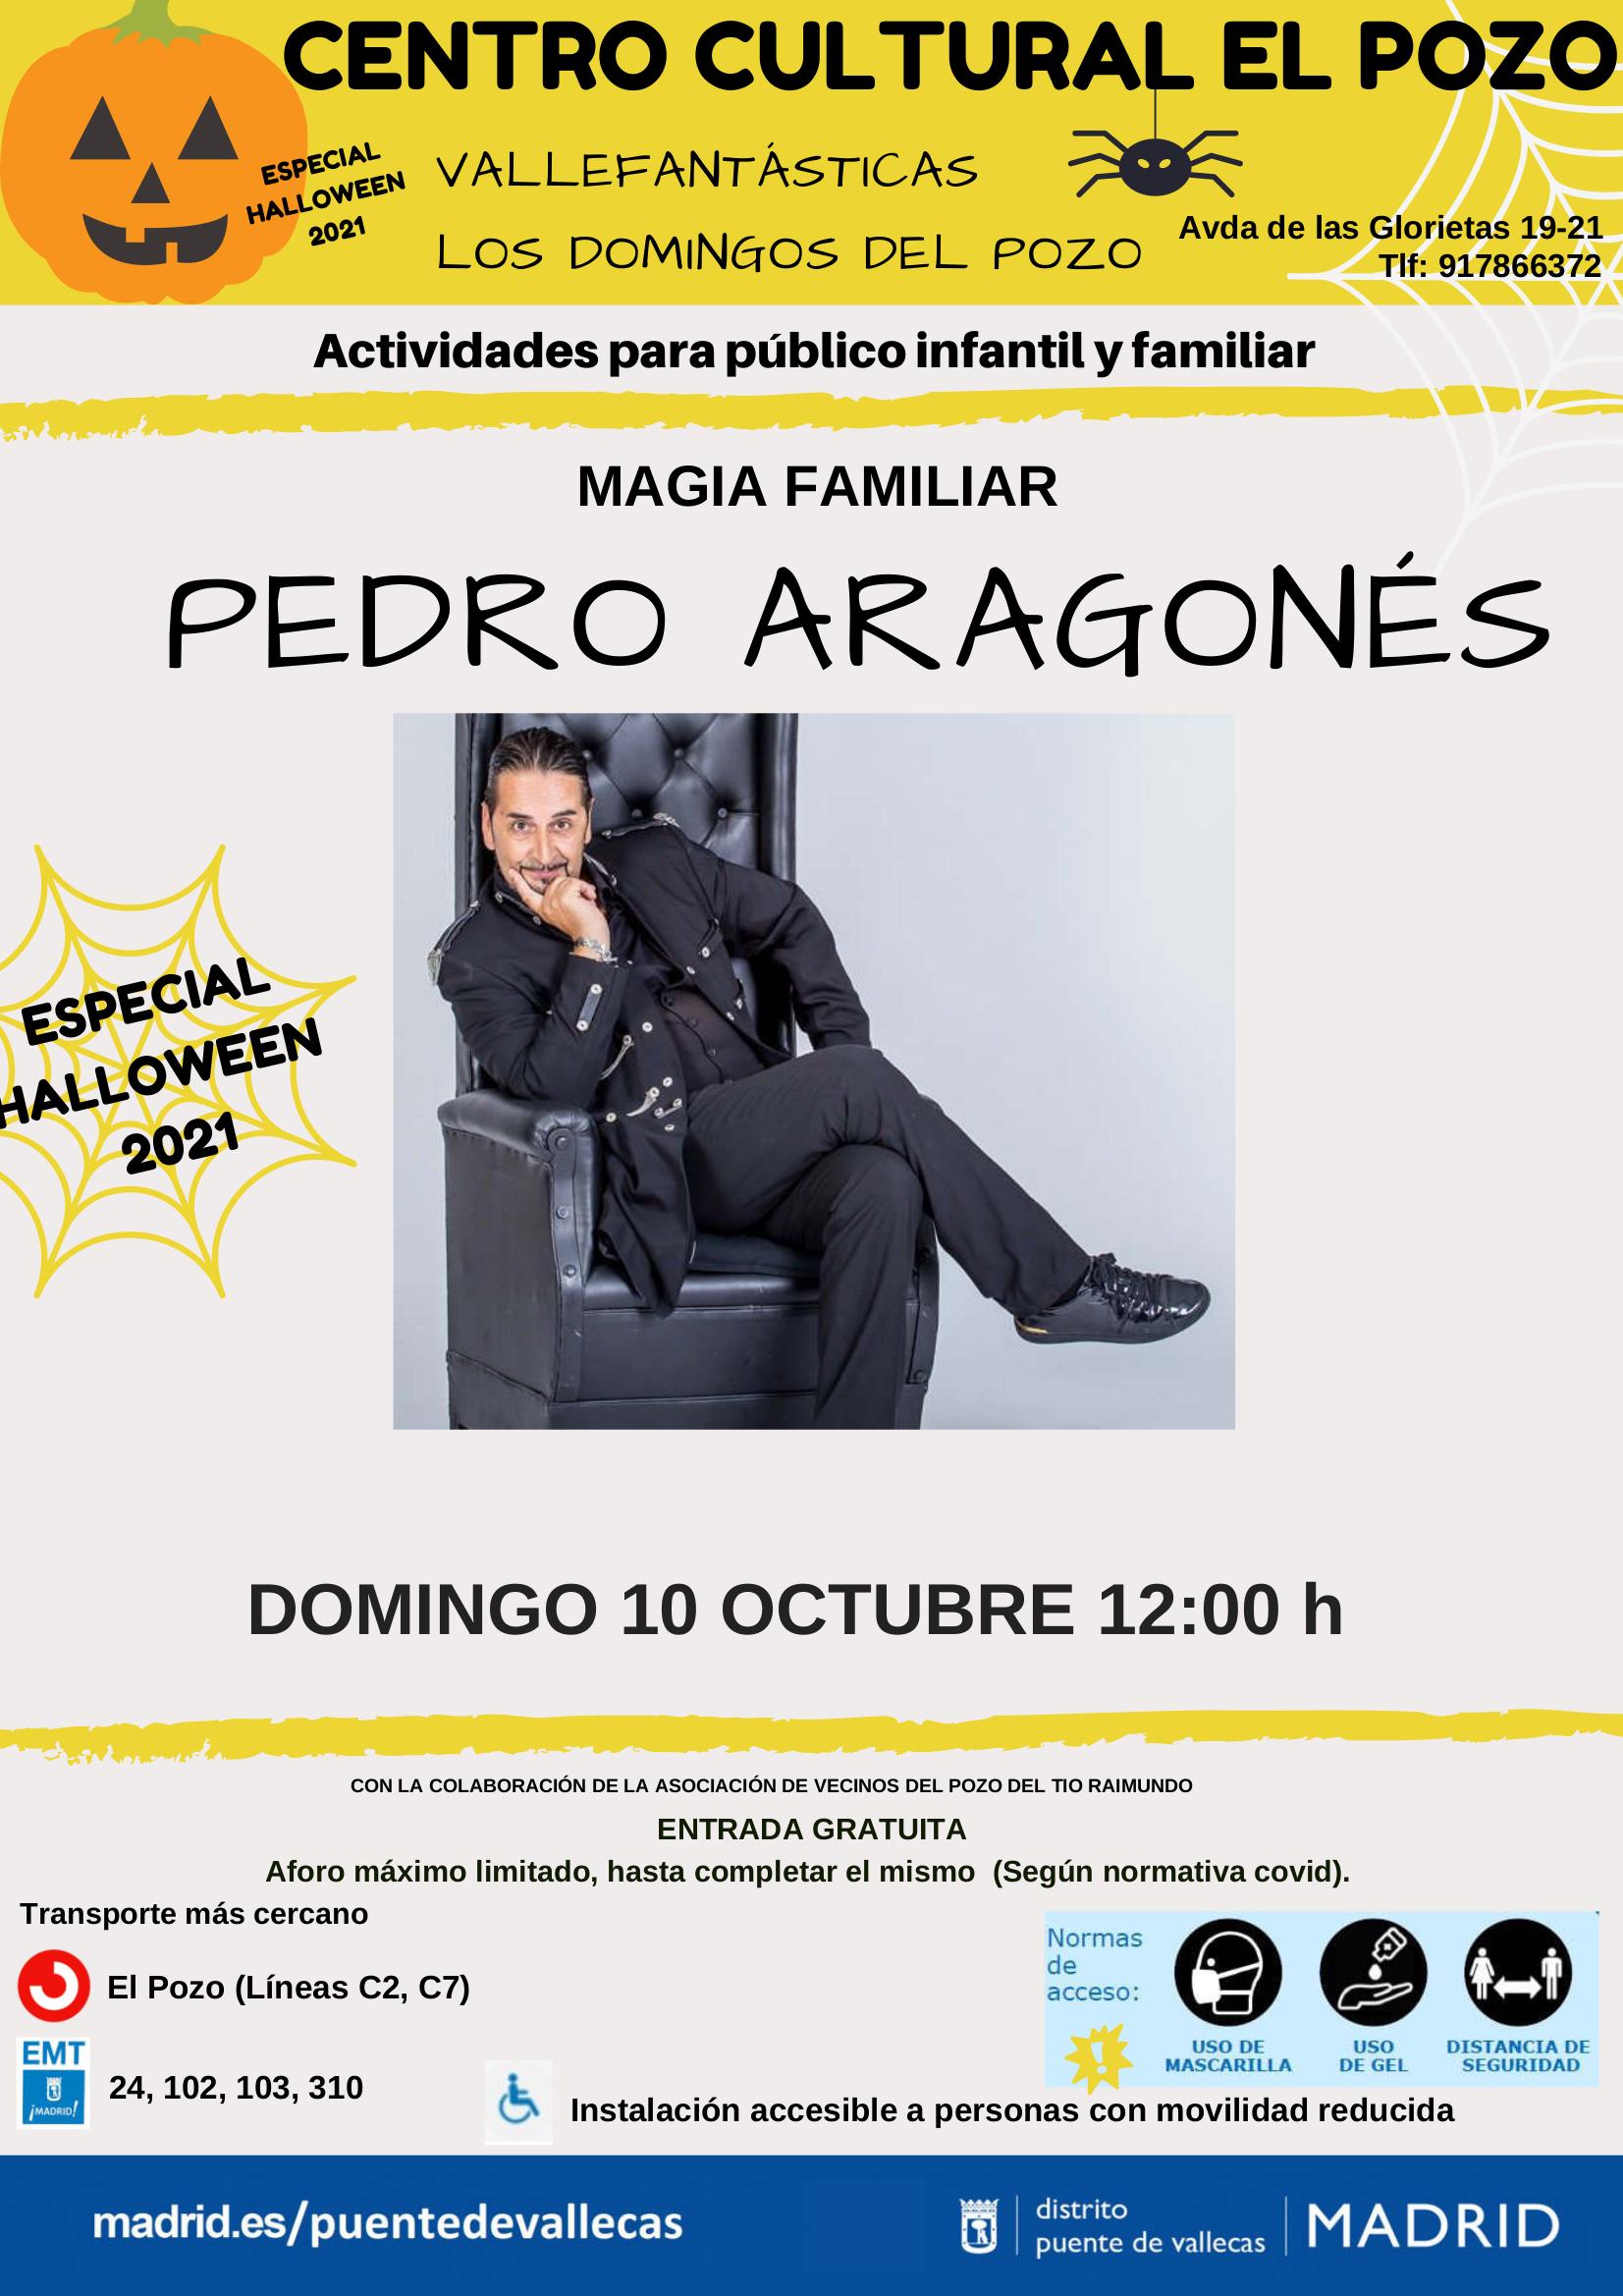 Pedro Aragones especial Halloween Vallecas